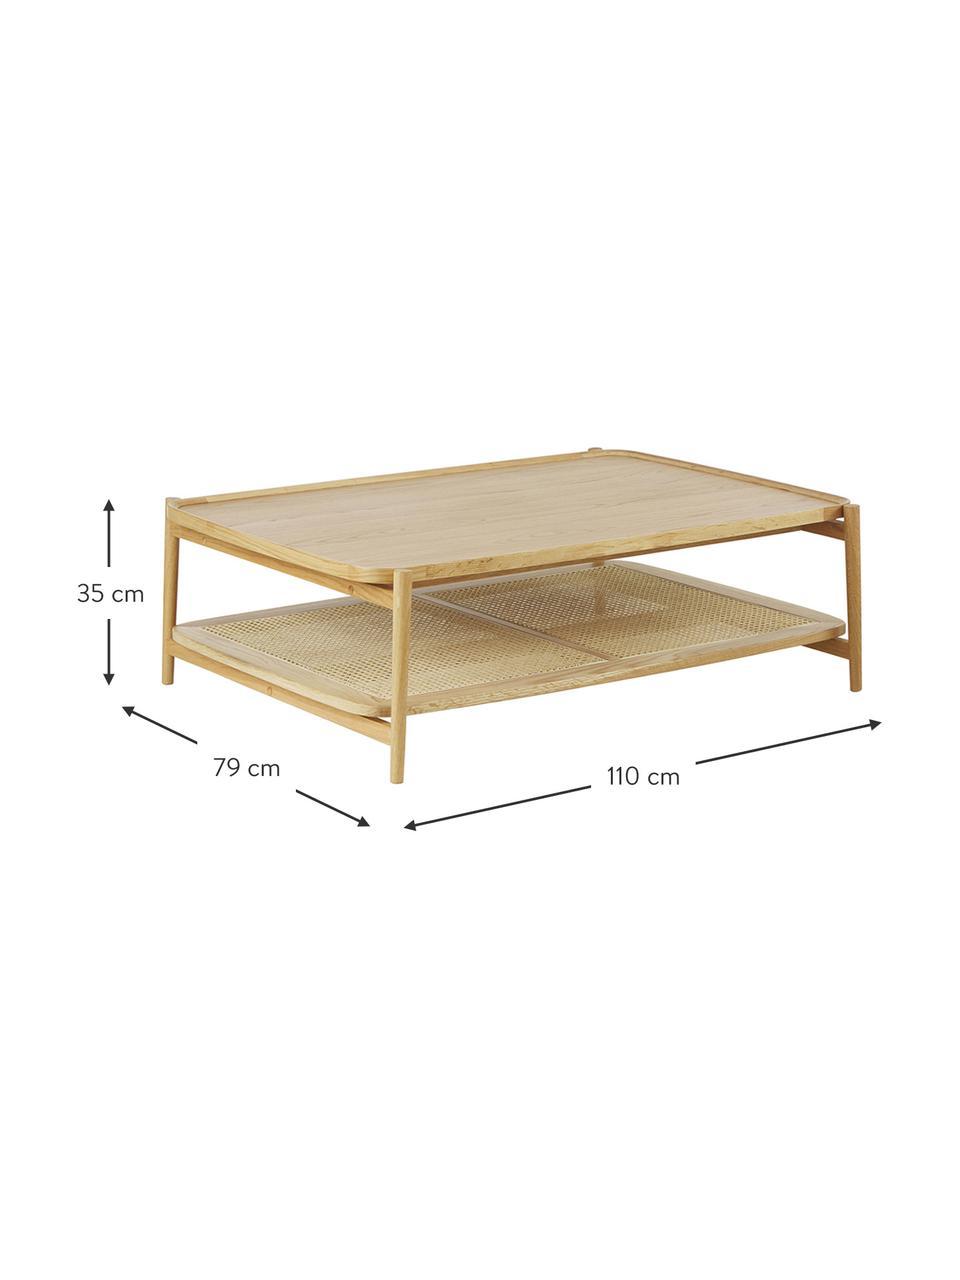 Stolik kawowy z drewna dębowego Libby, Blat: fornir z drewna dębowego , Stelaż: lite drewno dębowe, lakie, Jasny brązowy, beżowy, S 110 x W 35 cm